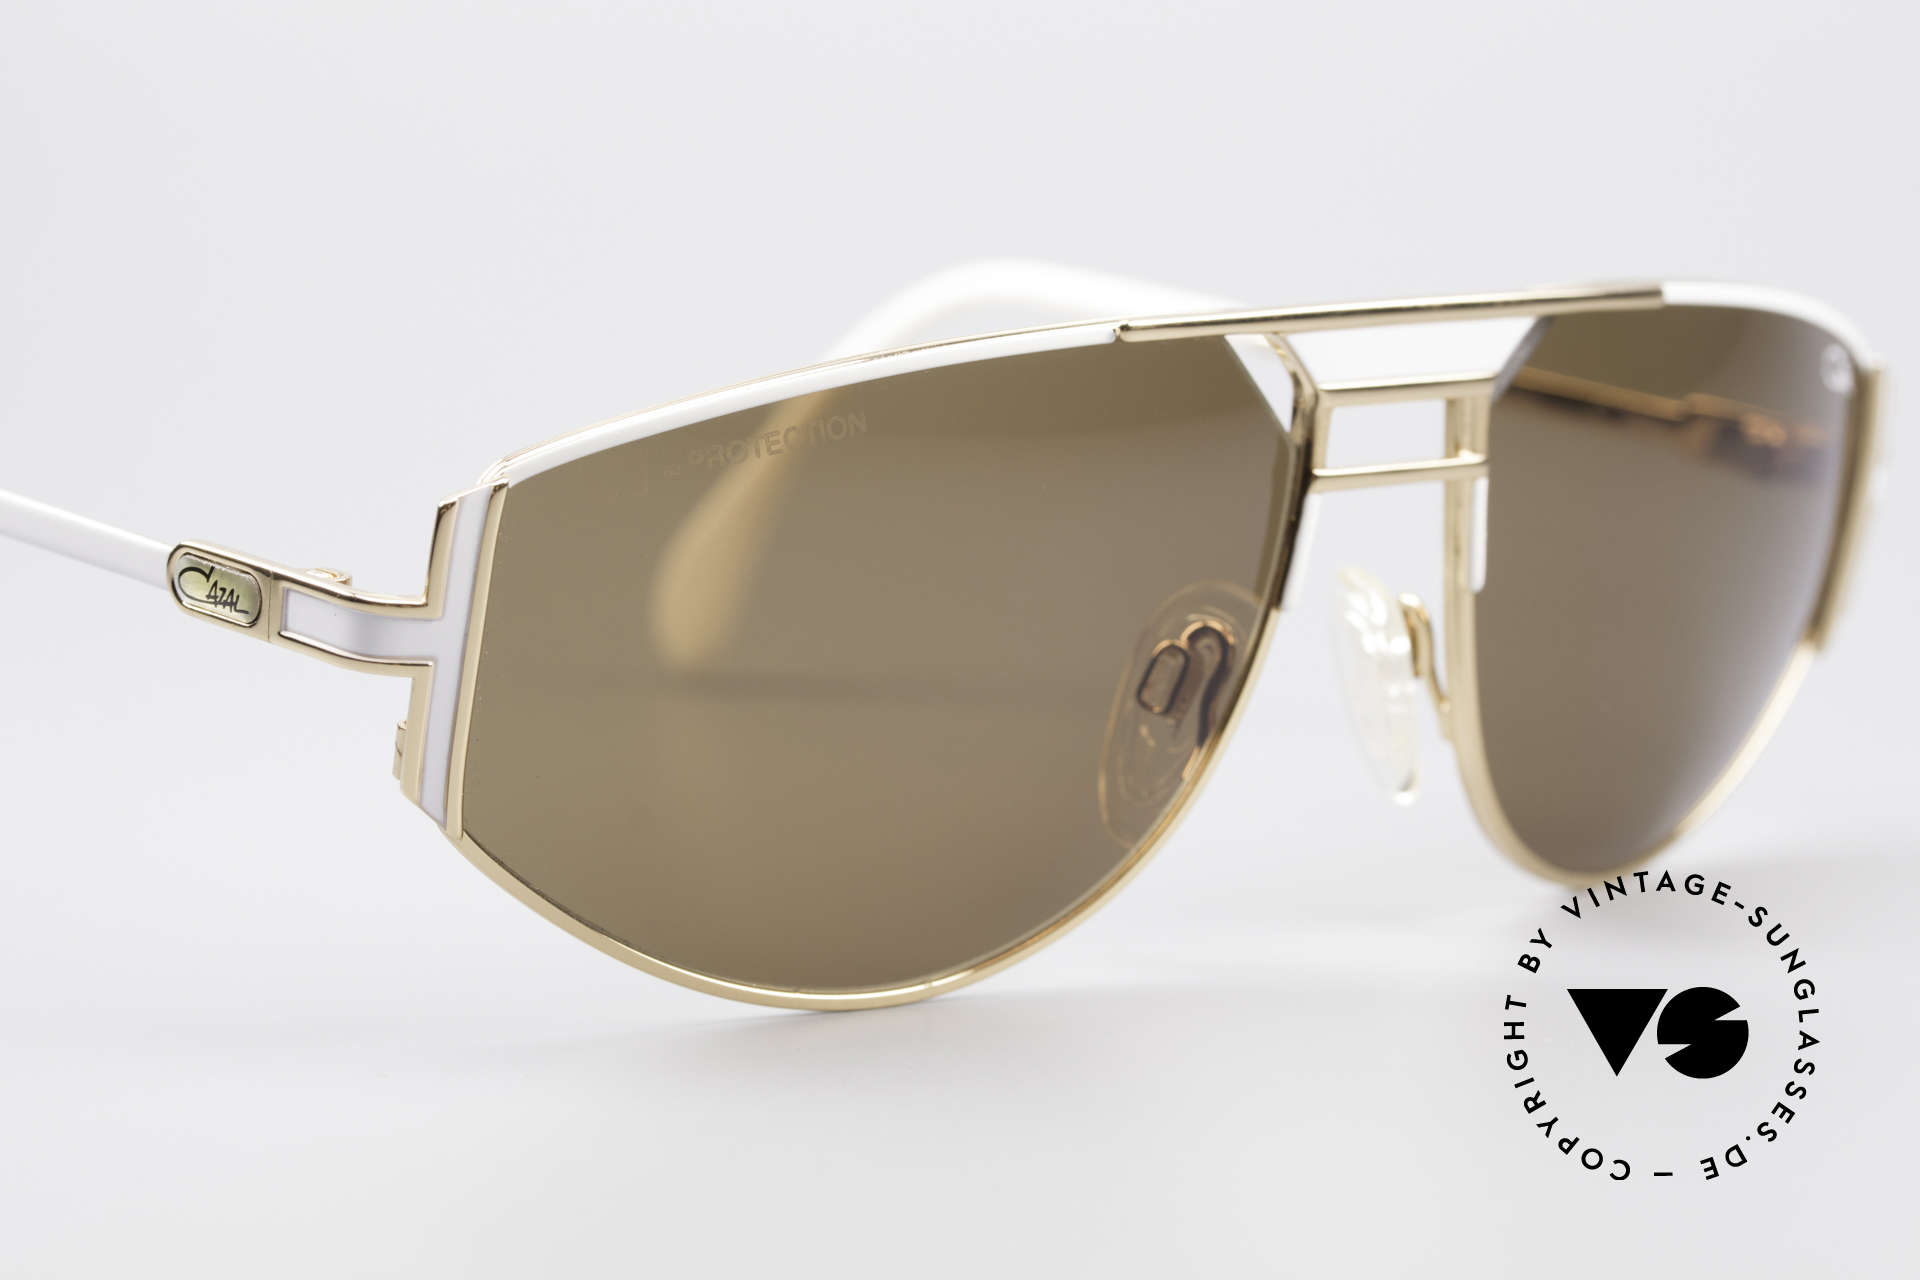 Cazal 964 Echte Vintage Sonnenbrille, ungetragenes Original (wie all unsere vintage Cazals), Passend für Herren und Damen